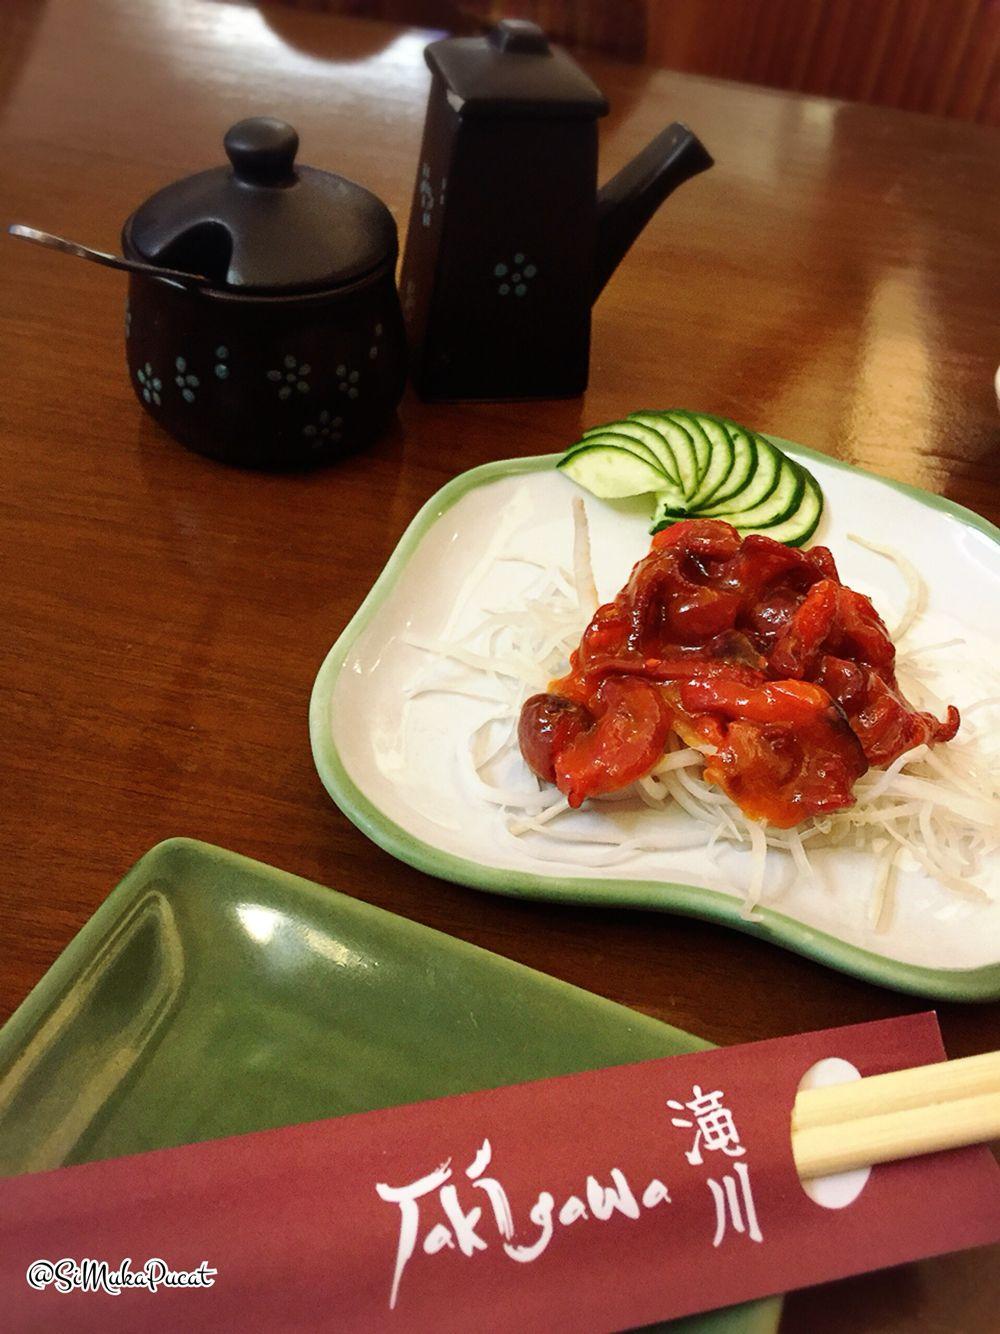 Baby Octopus Takigawa Makanan Dan Minuman Makanan Minuman